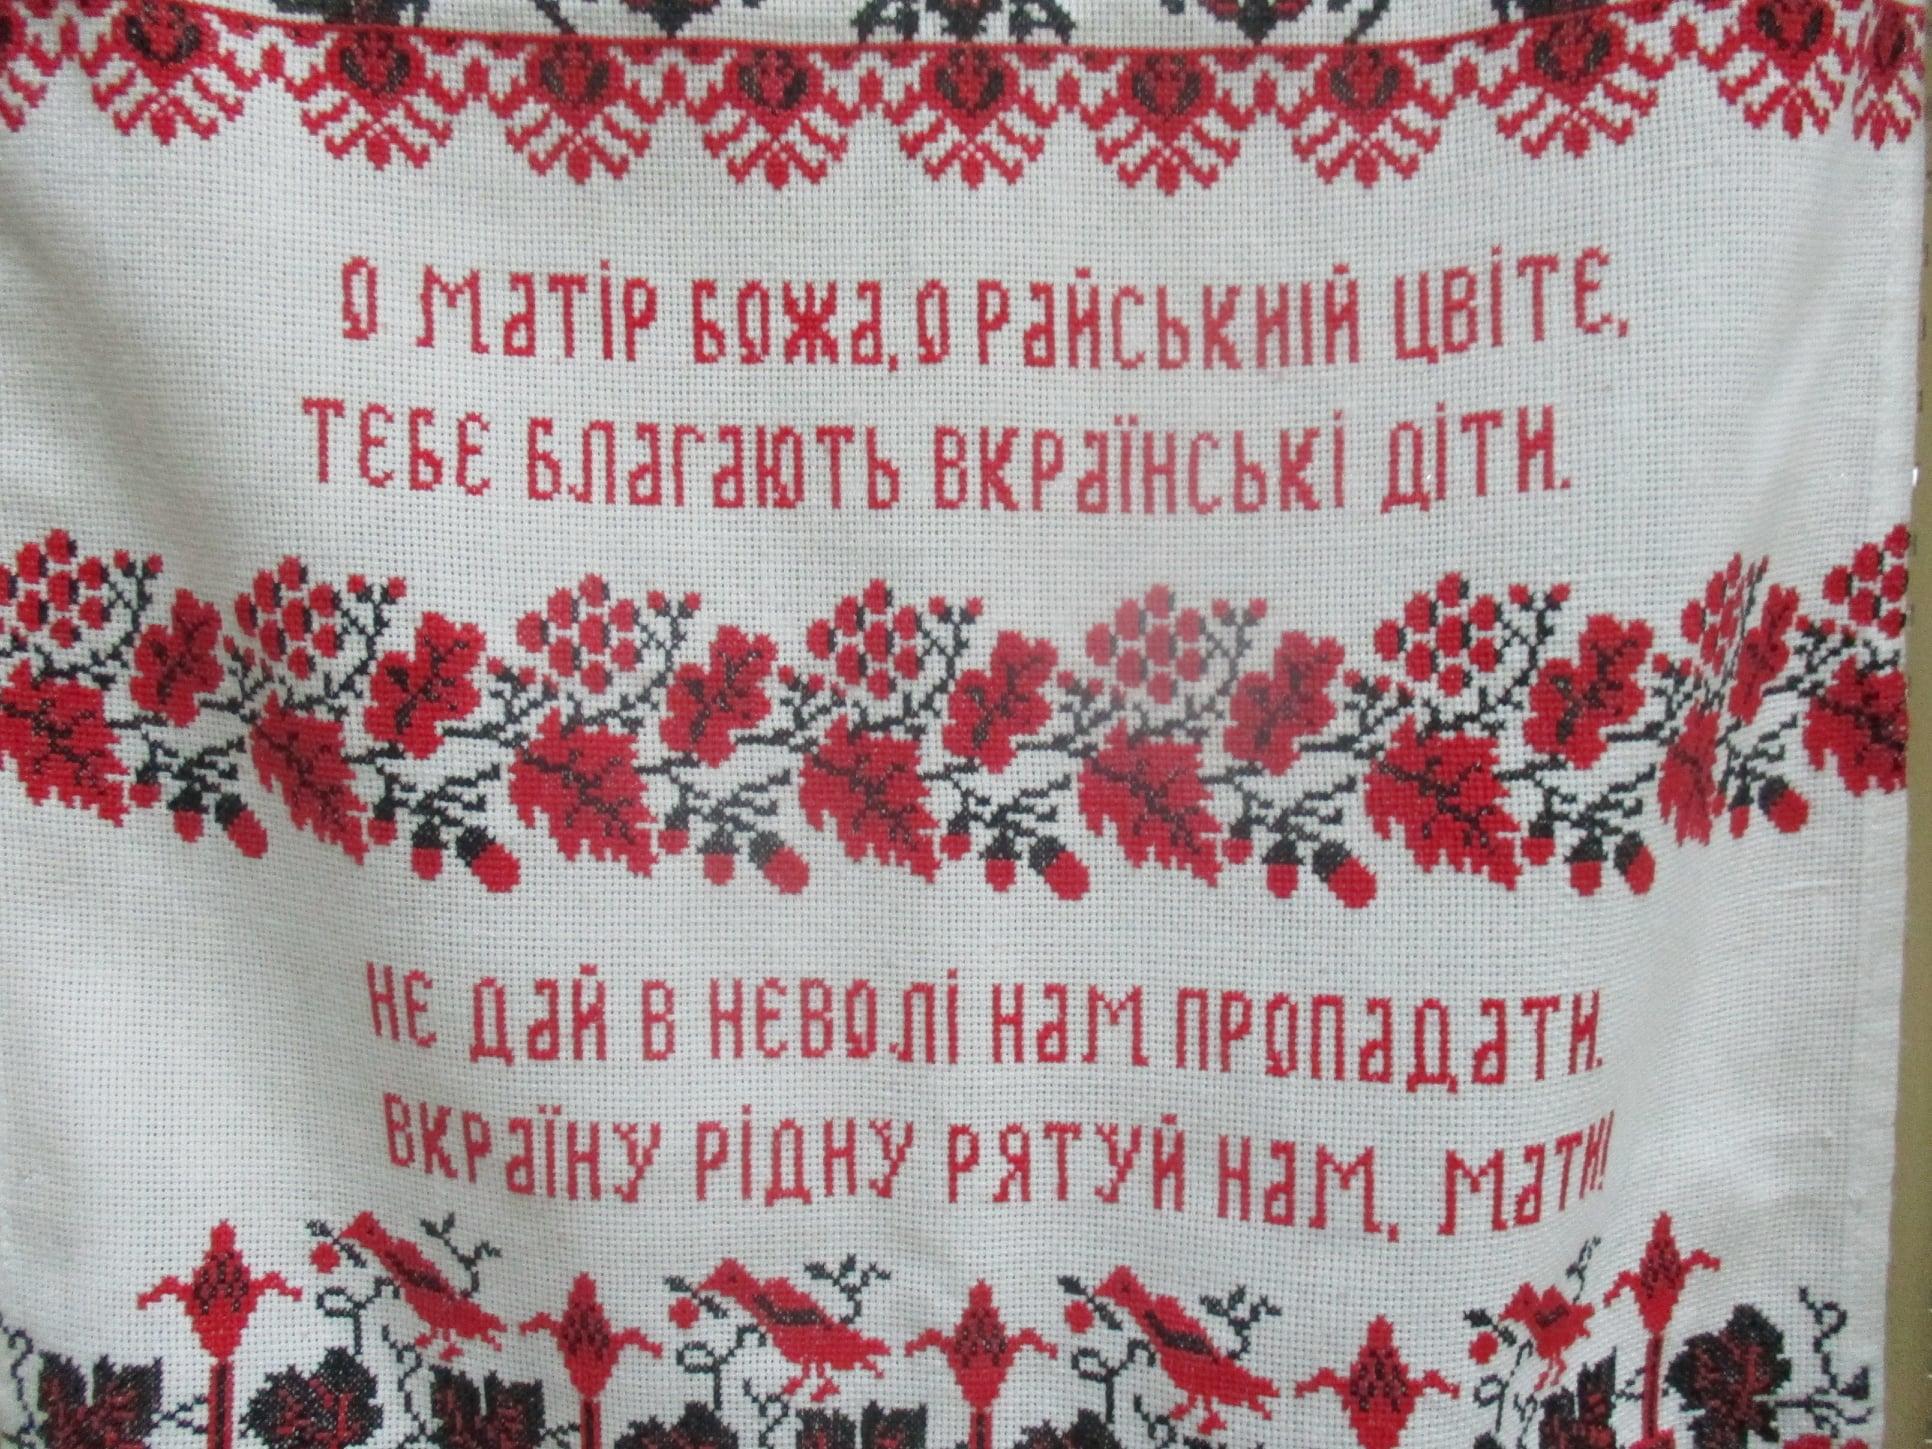 Виставка 80-річної майстрині Ганни Корженівської в Ірпені - Приірпіння, музей, Мистецтво, київщина, виставка - Korzhen 2